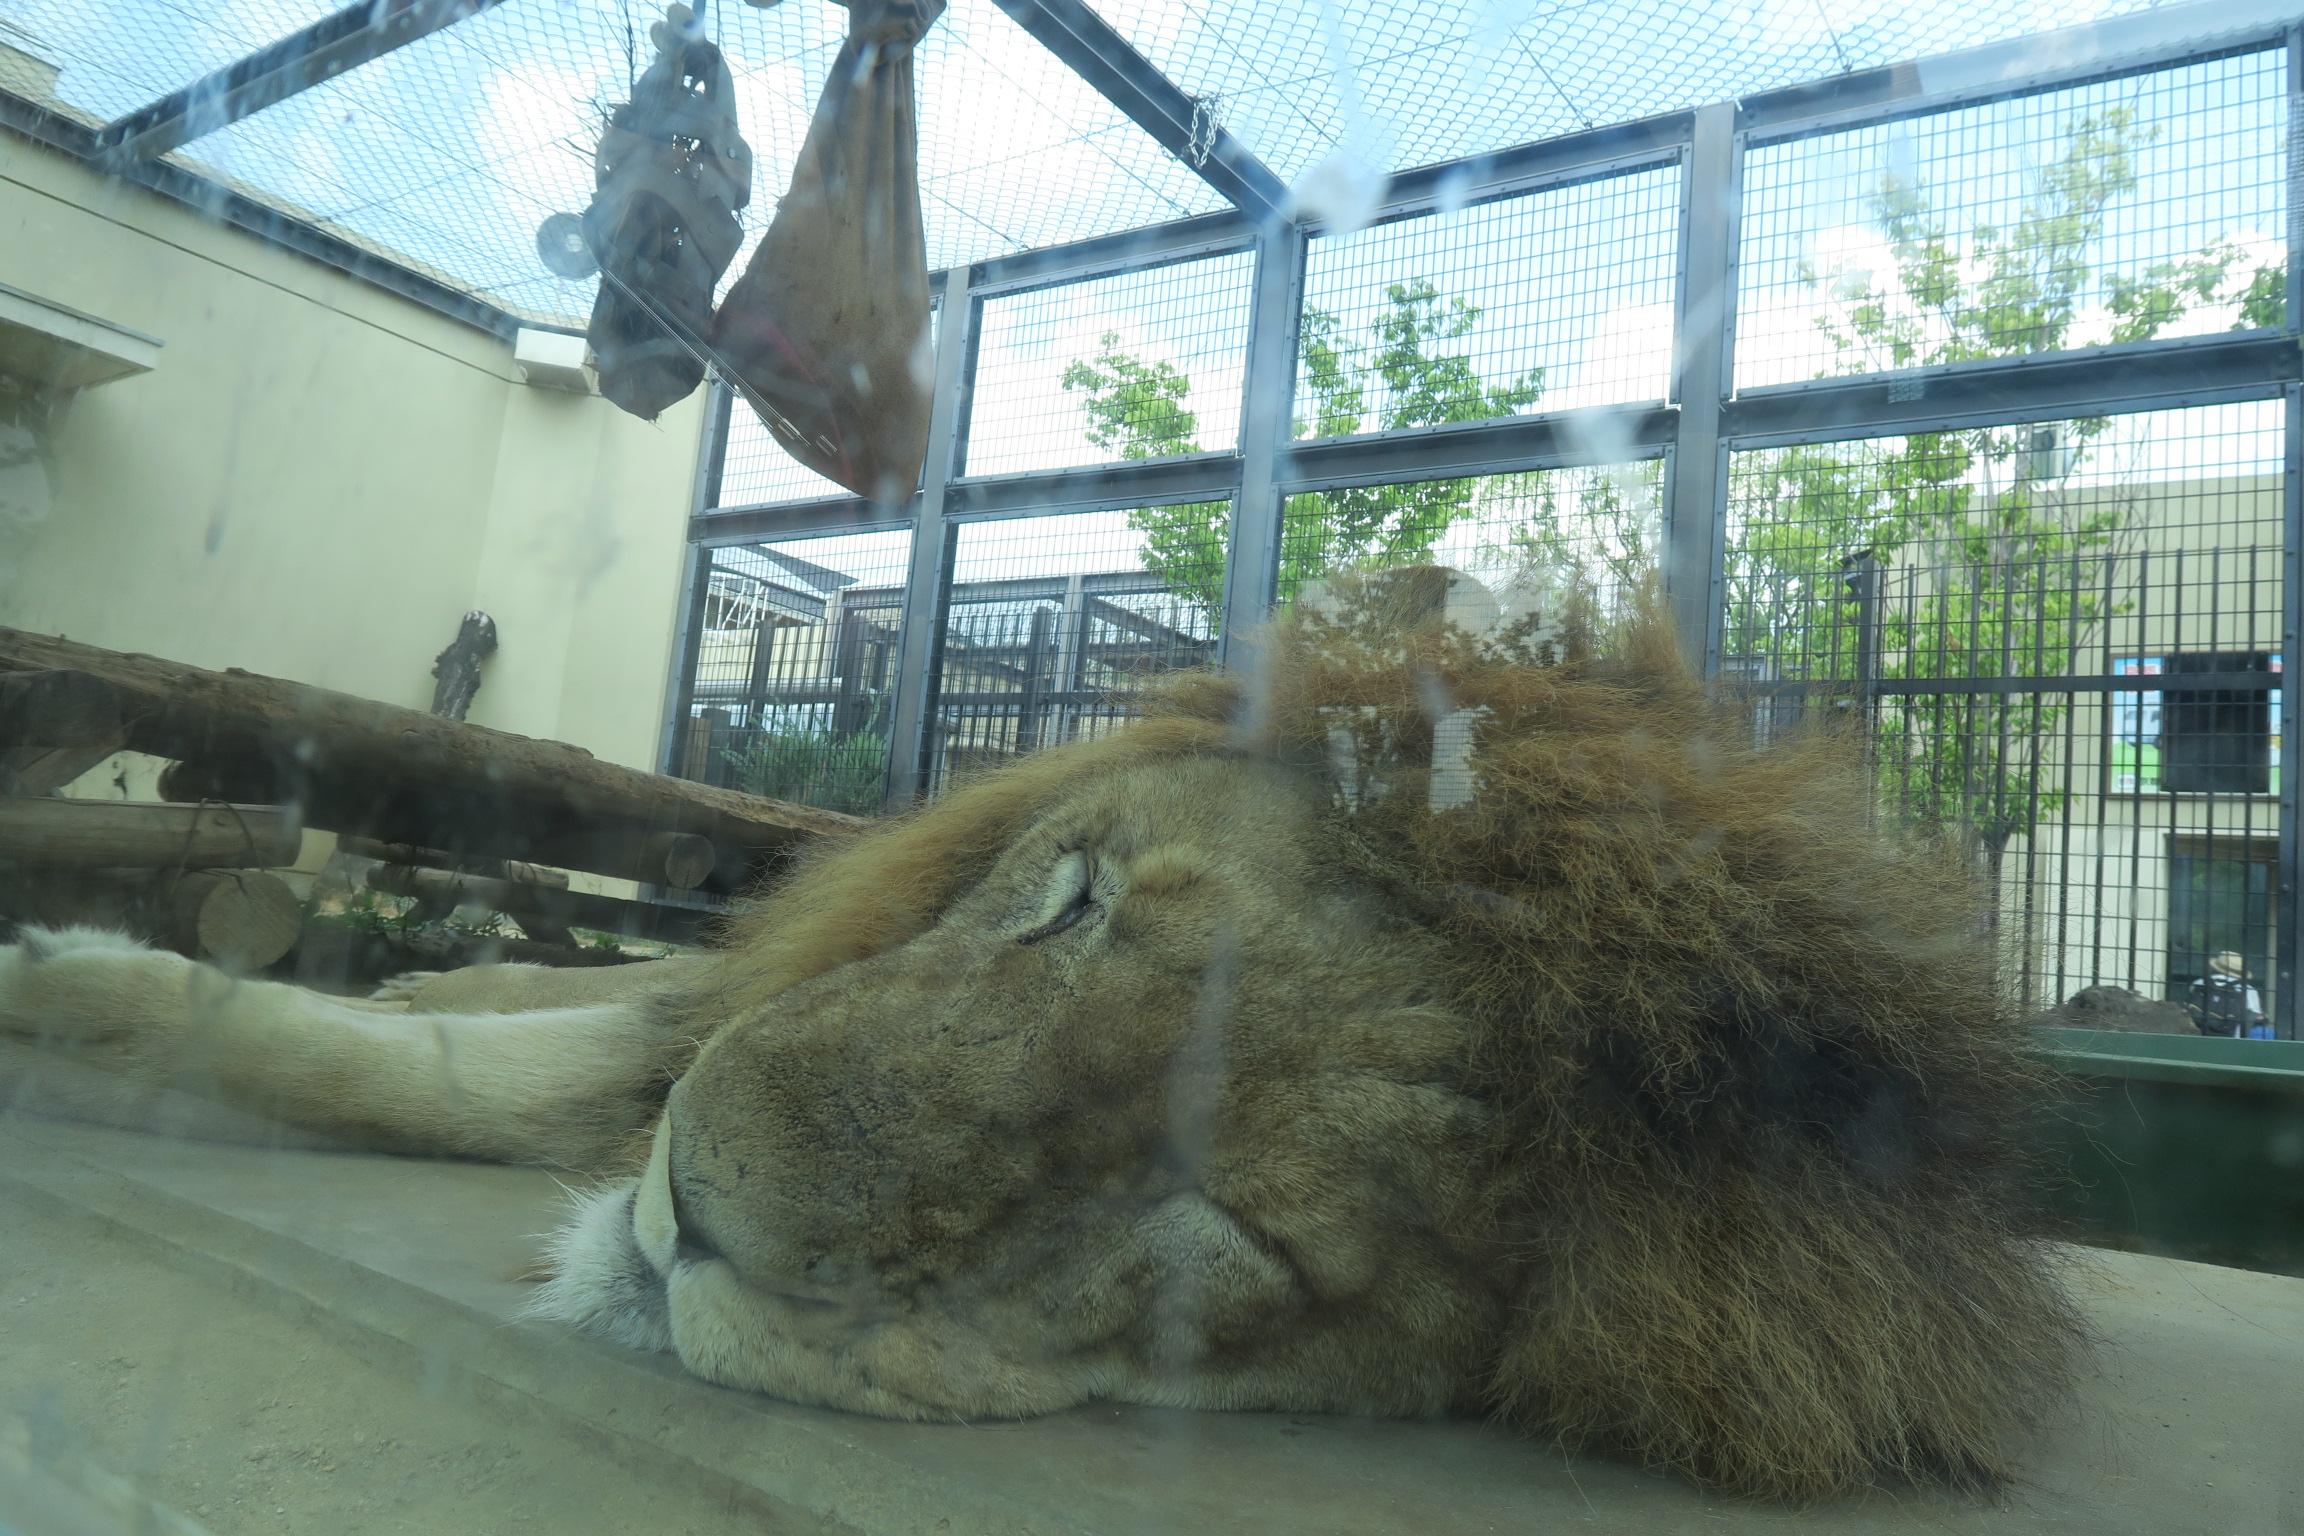 入場すると、最初に猛獣ワールドがあります。ライオンは朝寝?していました。間近で見られてラッキーです。